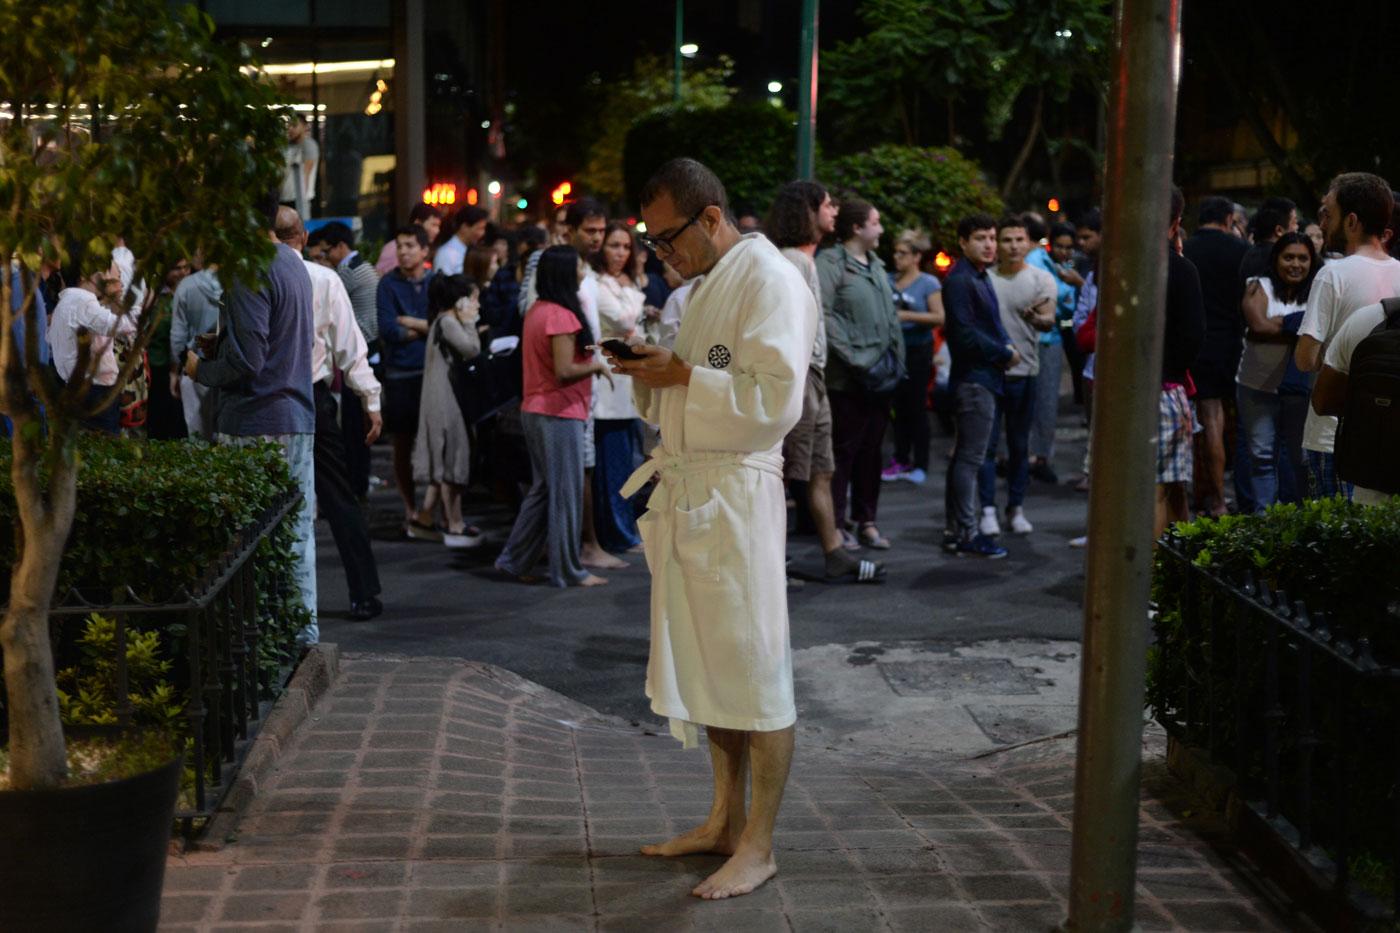 Un grupo de personas se reunen en el centro de la Ciudad de México en los momentos posteriores al terremoto. (AFP PHOTO / Luis PEREZ)